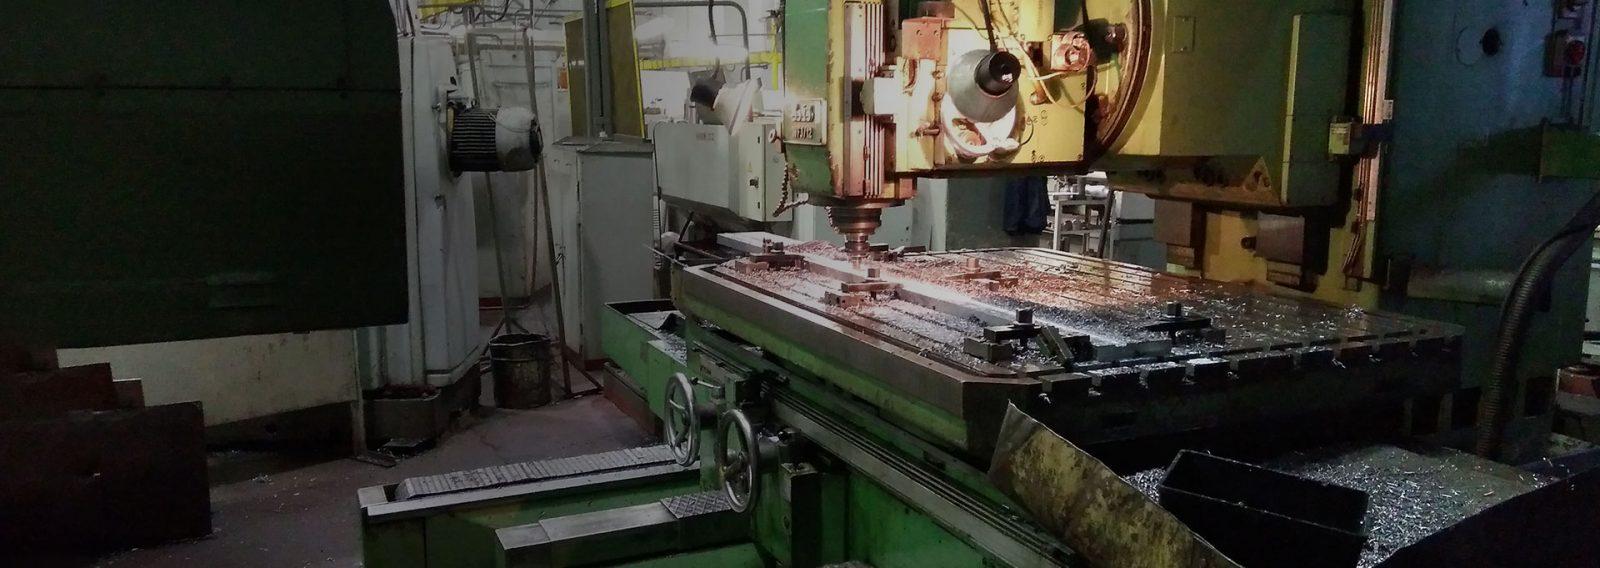 Металлообработка и механическая обработка деталей любой сложности